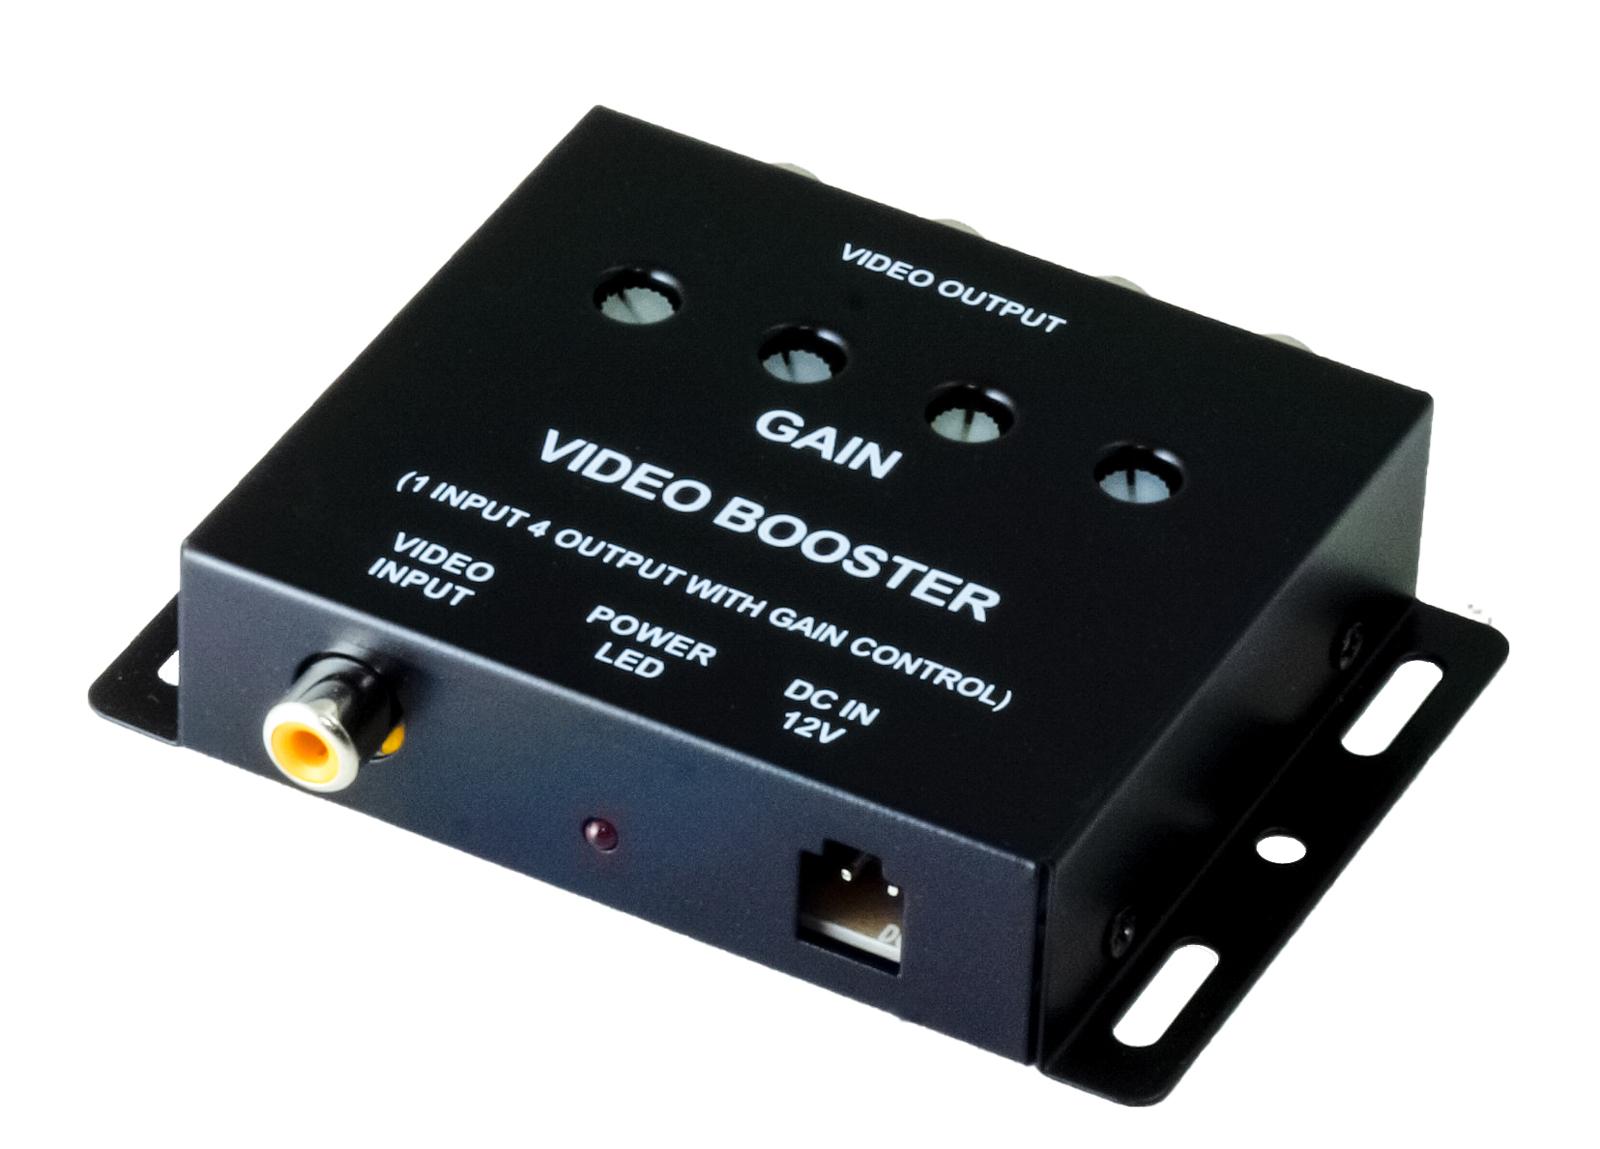 ビデオブースター 4ポート 分配器 映像分配器 最大4台のモニターに出力可能!サンバイザーモニター・フリップダウンモニター等の増設に! ビデオブースター 4ポート 分配器 映像分配器 12V用 モニター増設用 4ch 対応車種多数 自動車 車 車載 4チャンネル 分岐 ヘッドレスモニター サンバイザーモニター 送料無料 CARVB4CH